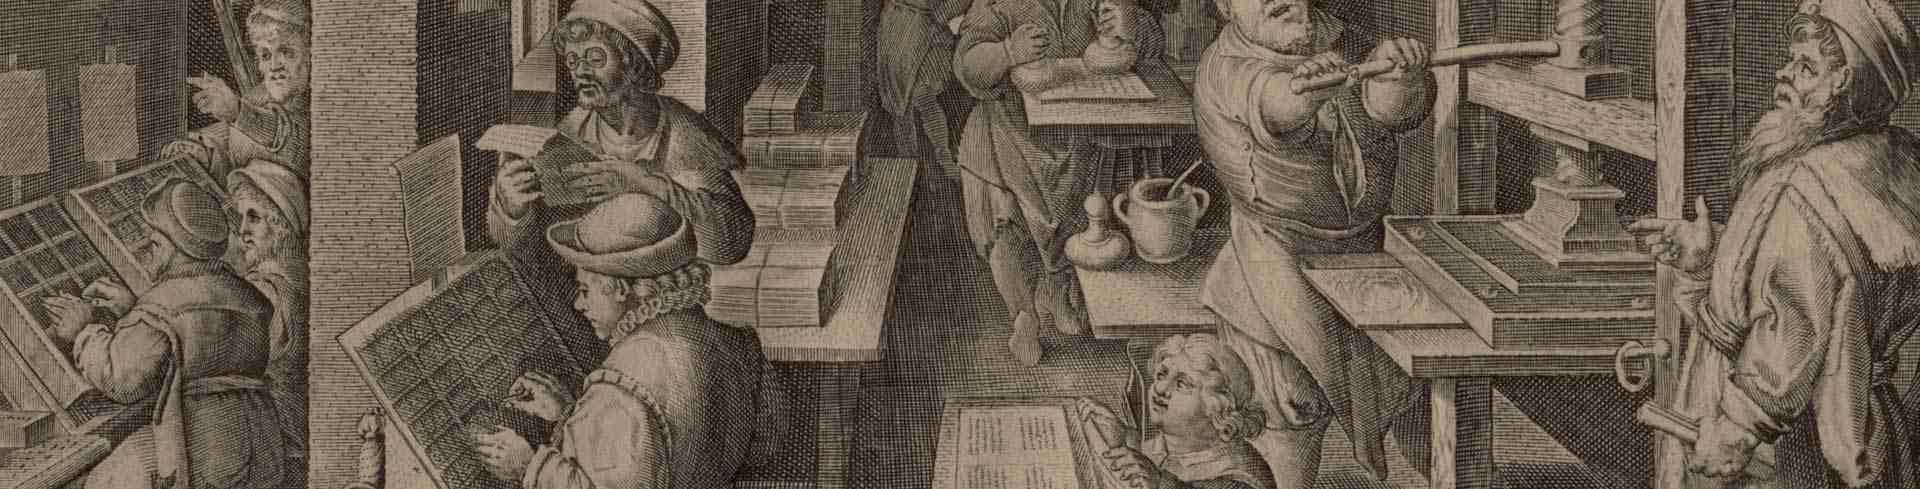 Los oficios del libro: curaduría, edición y publicación